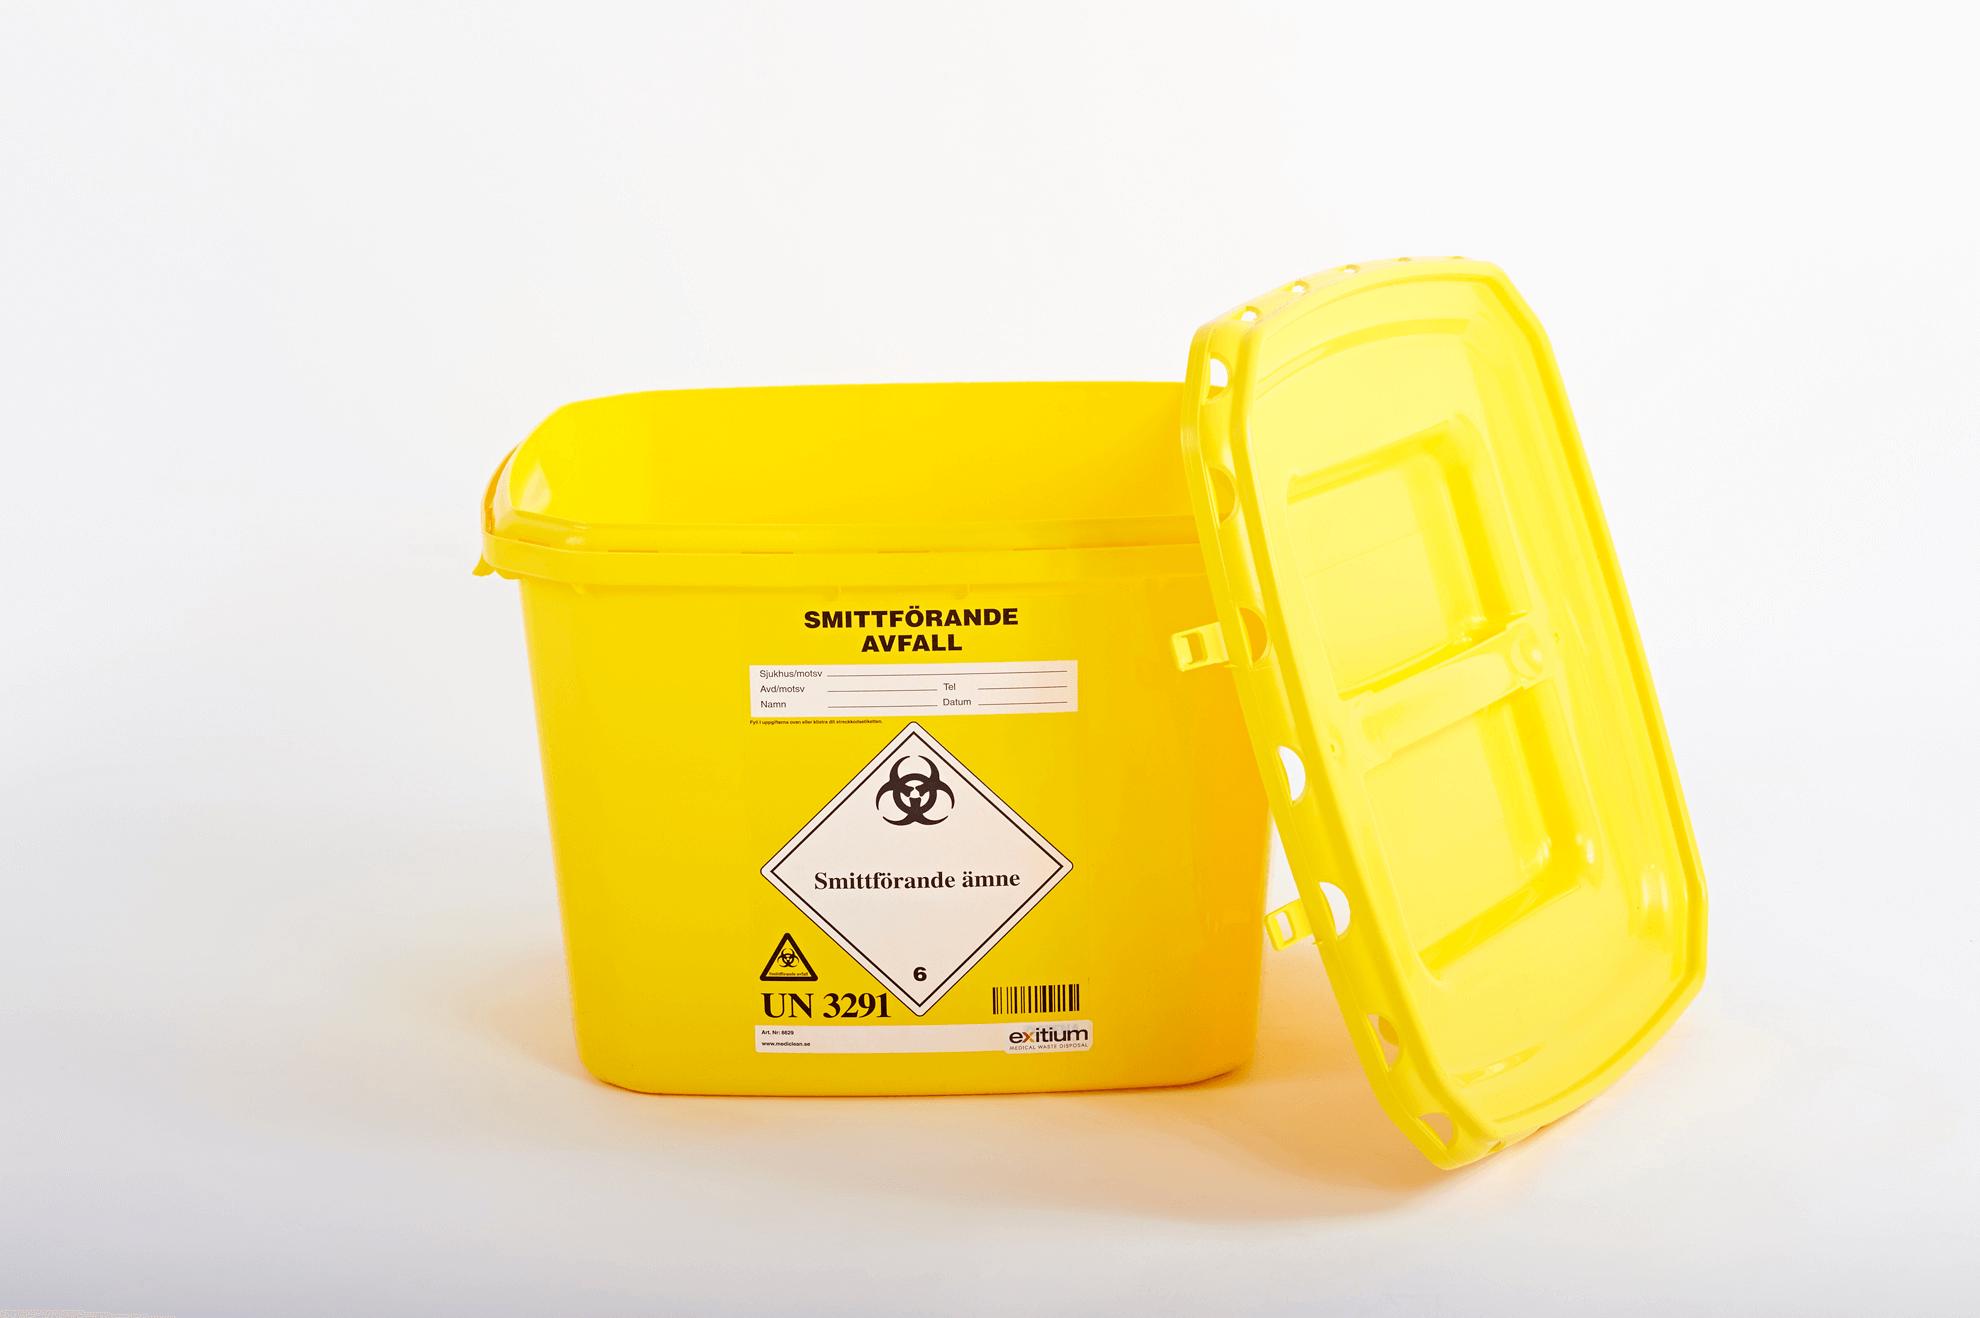 Behållare för smittförande avfall